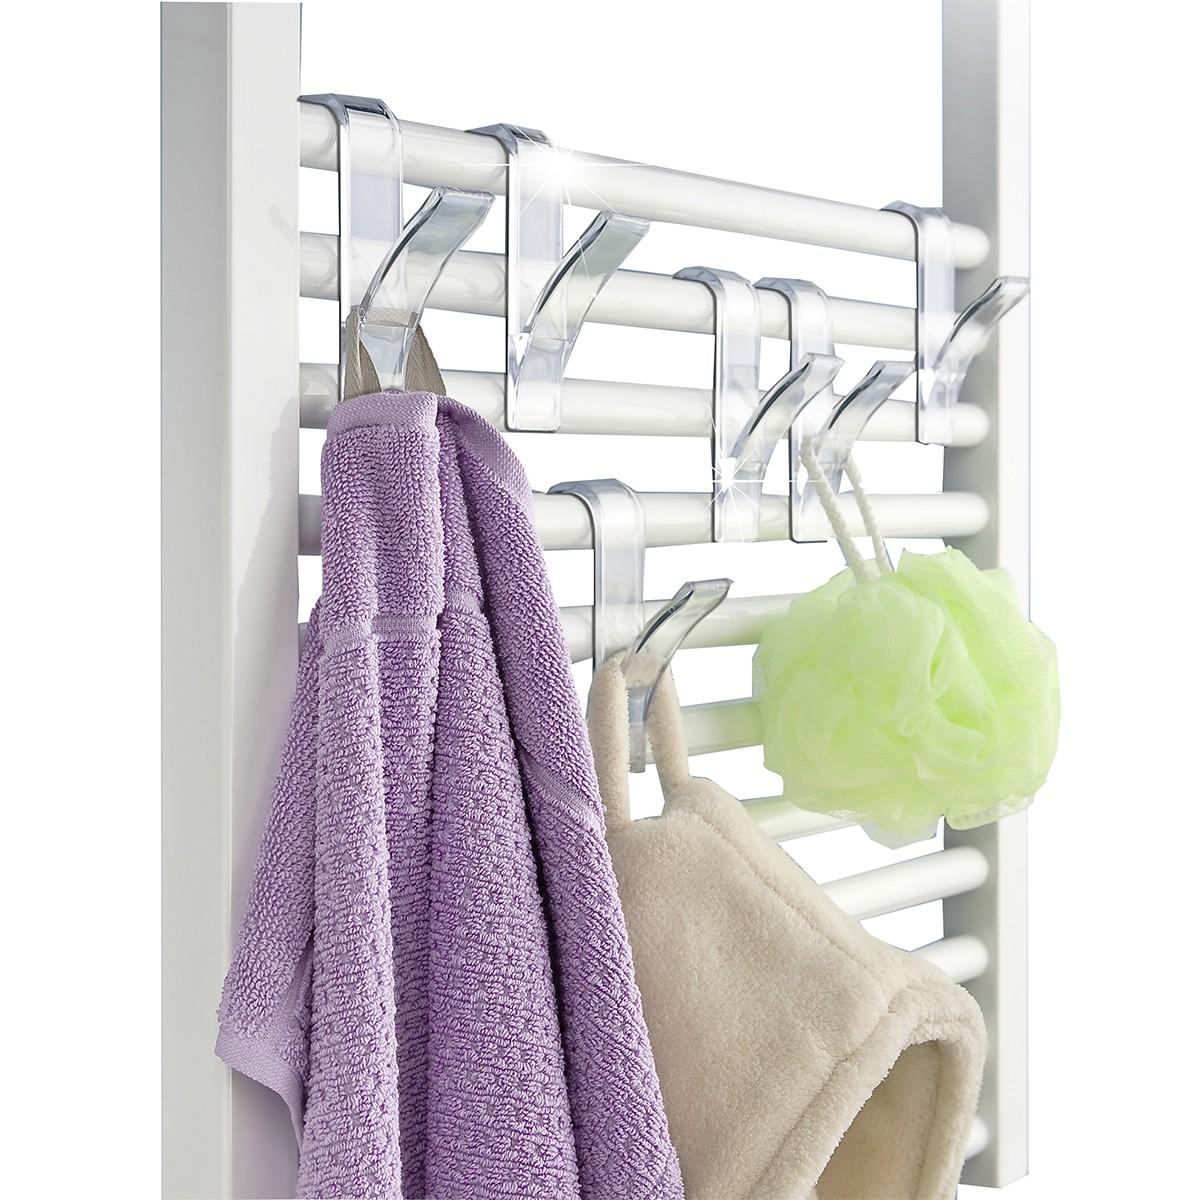 6 crochets suspendre sur radiateur salle de bain - Range serviette salle de bain ...